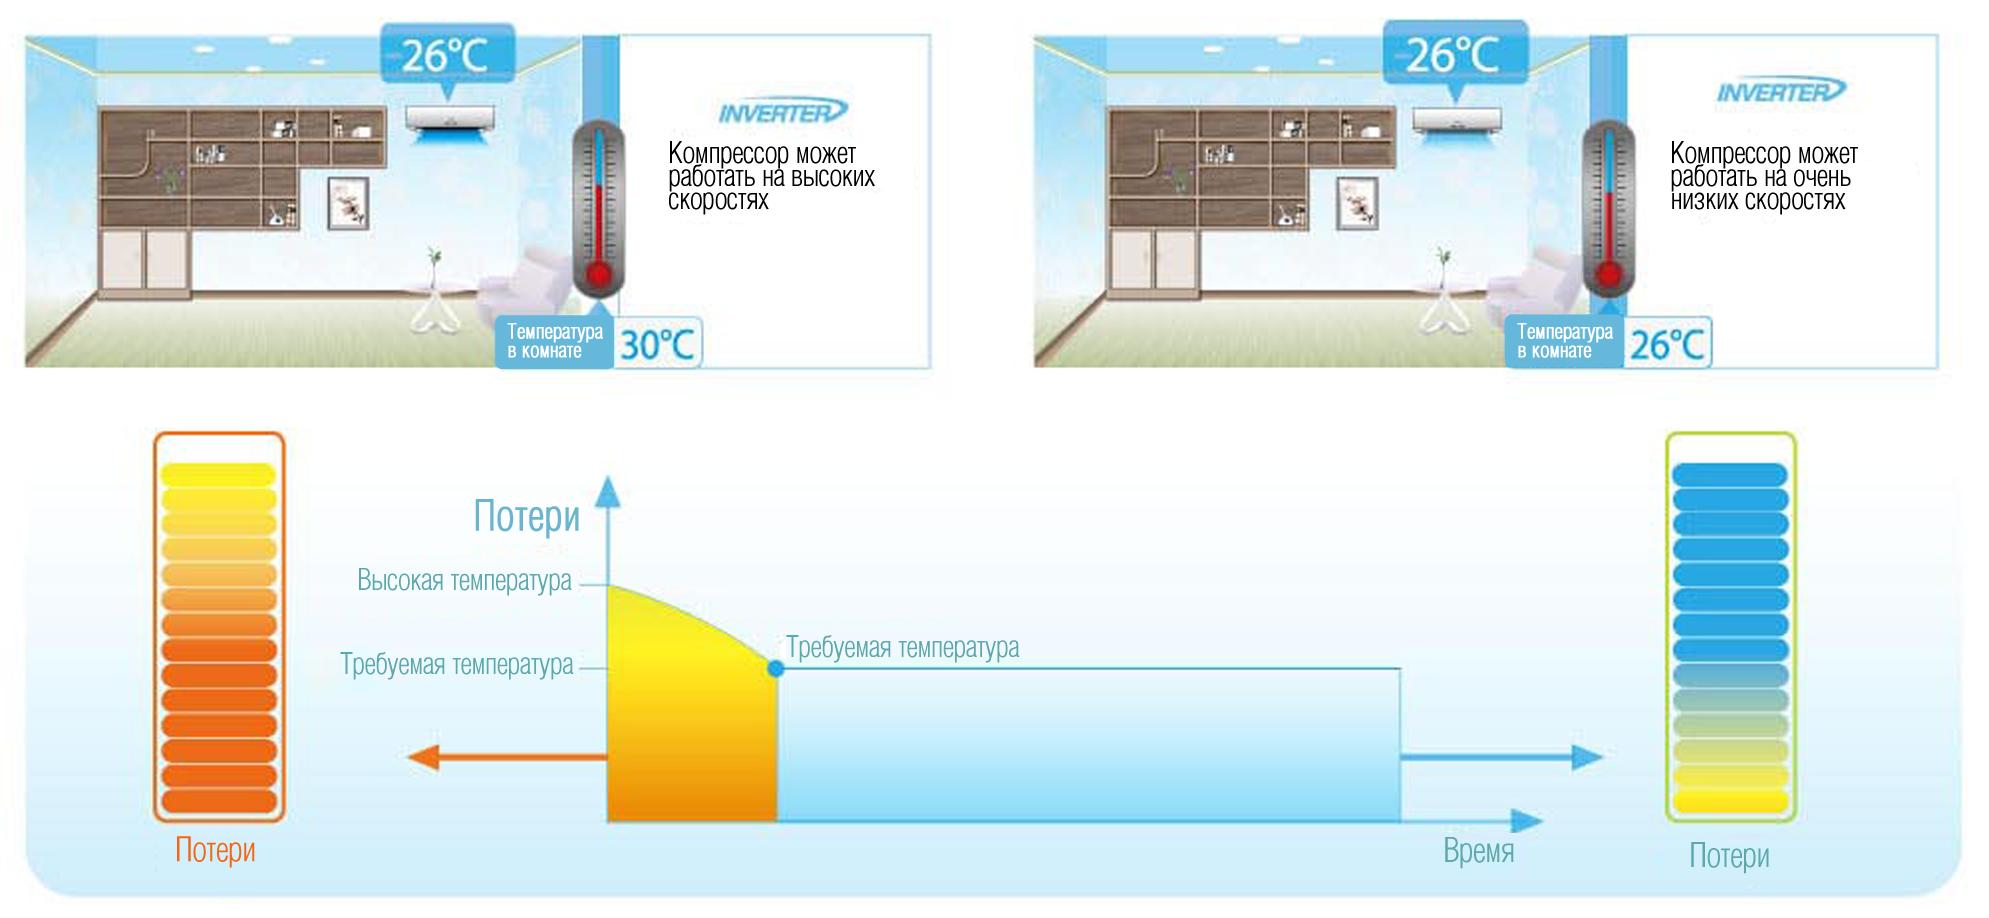 Новая технология обогрева воздуха